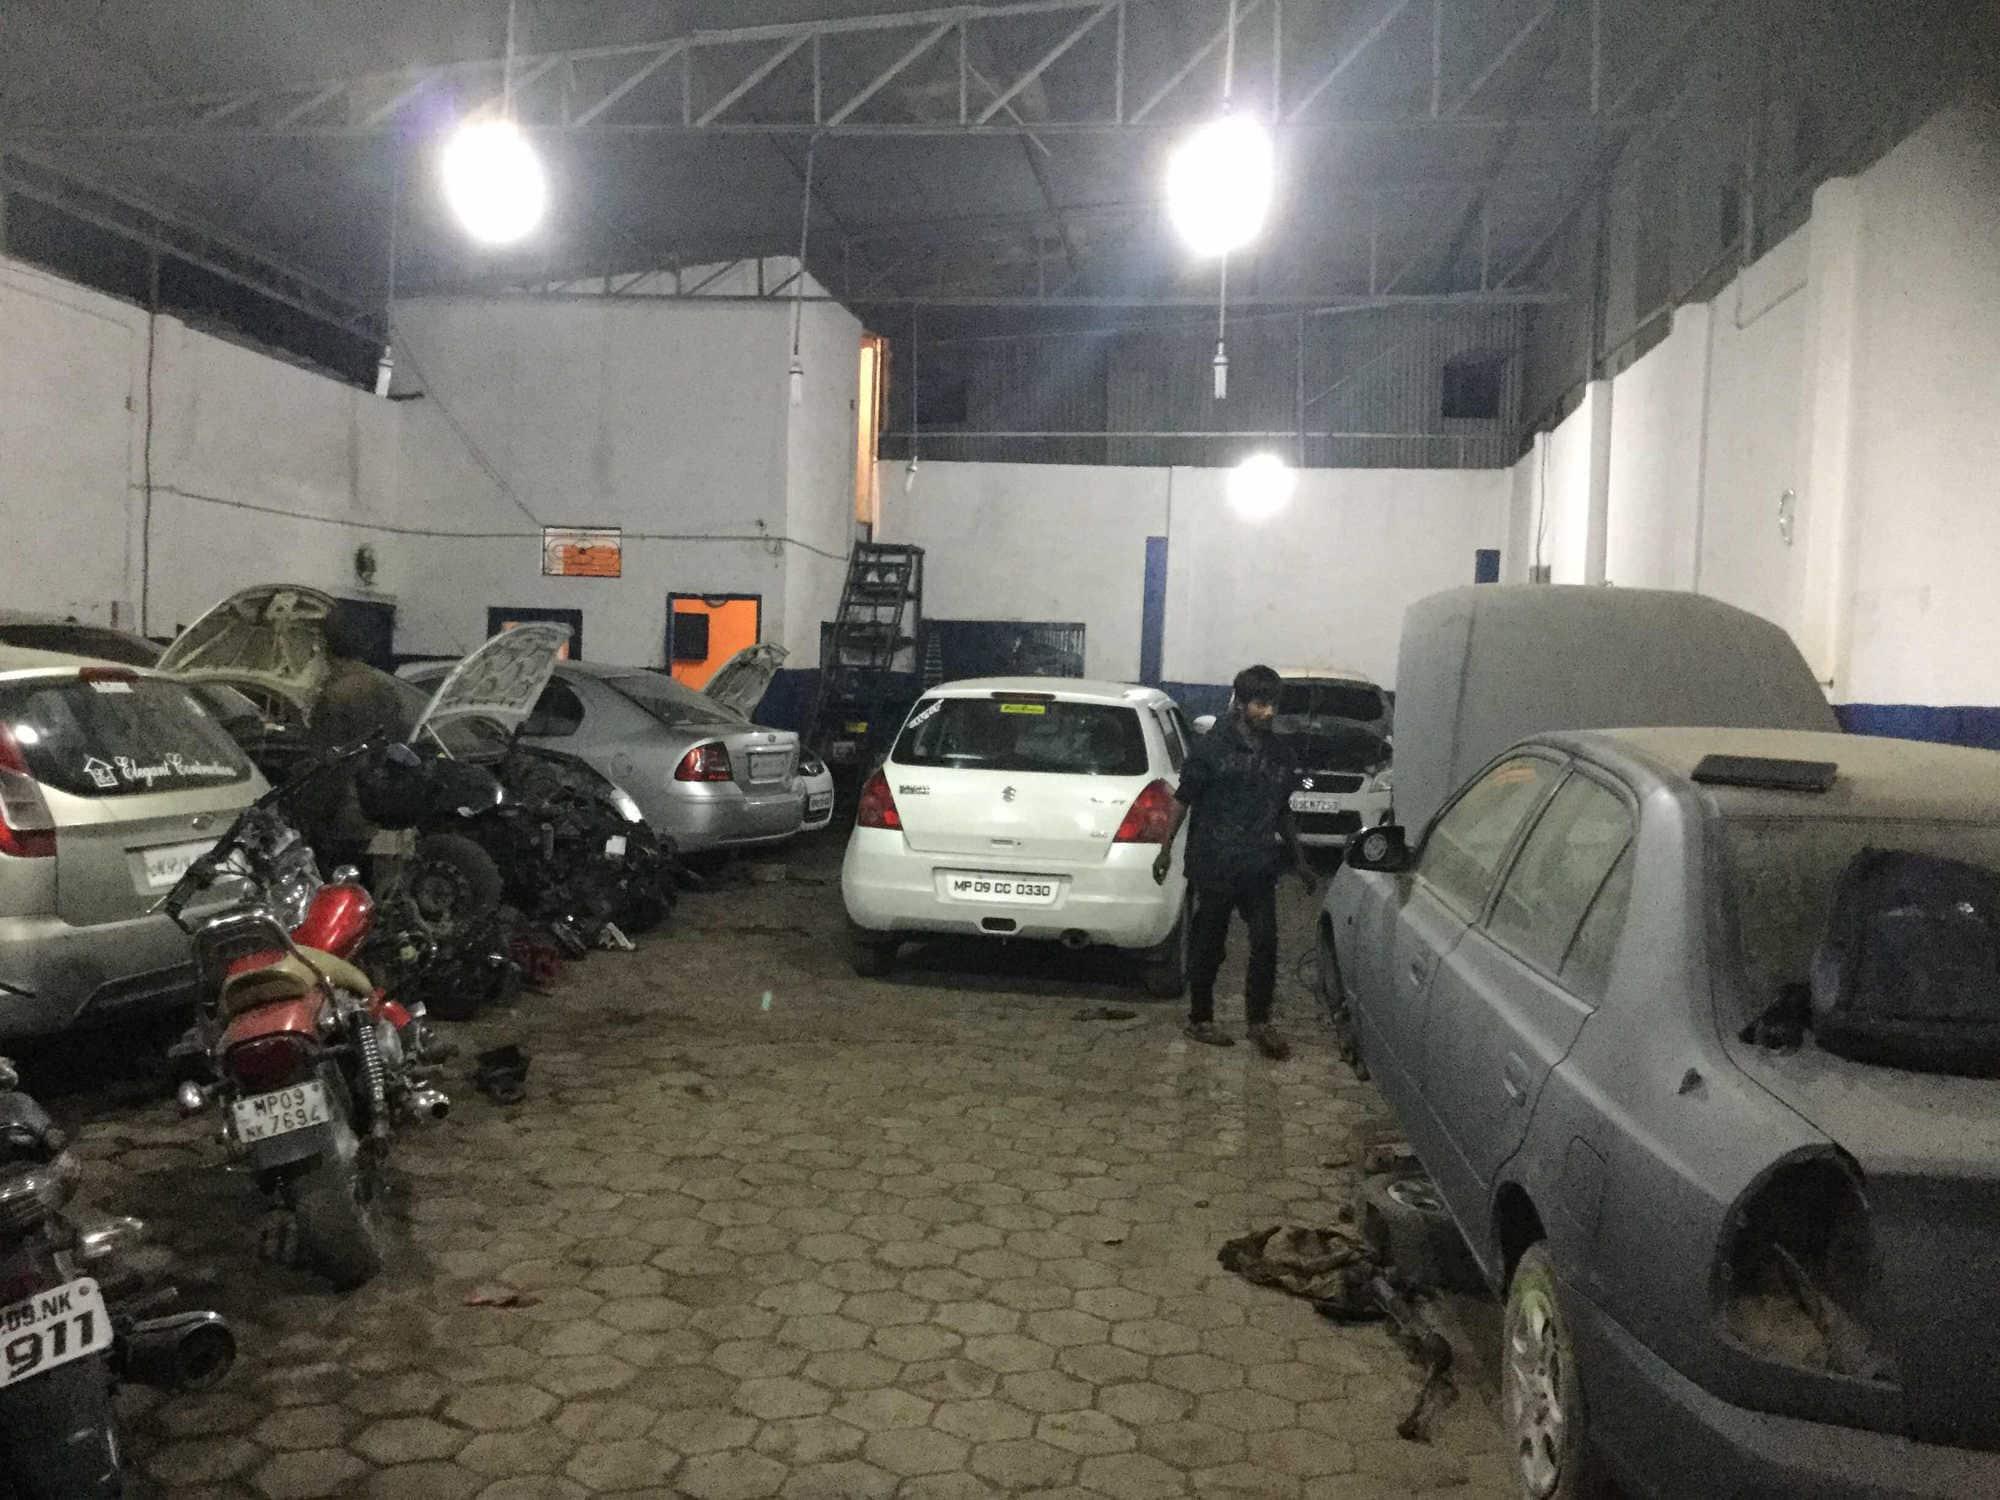 Audi Car Repair Services Indore Justdial - Audi car repair